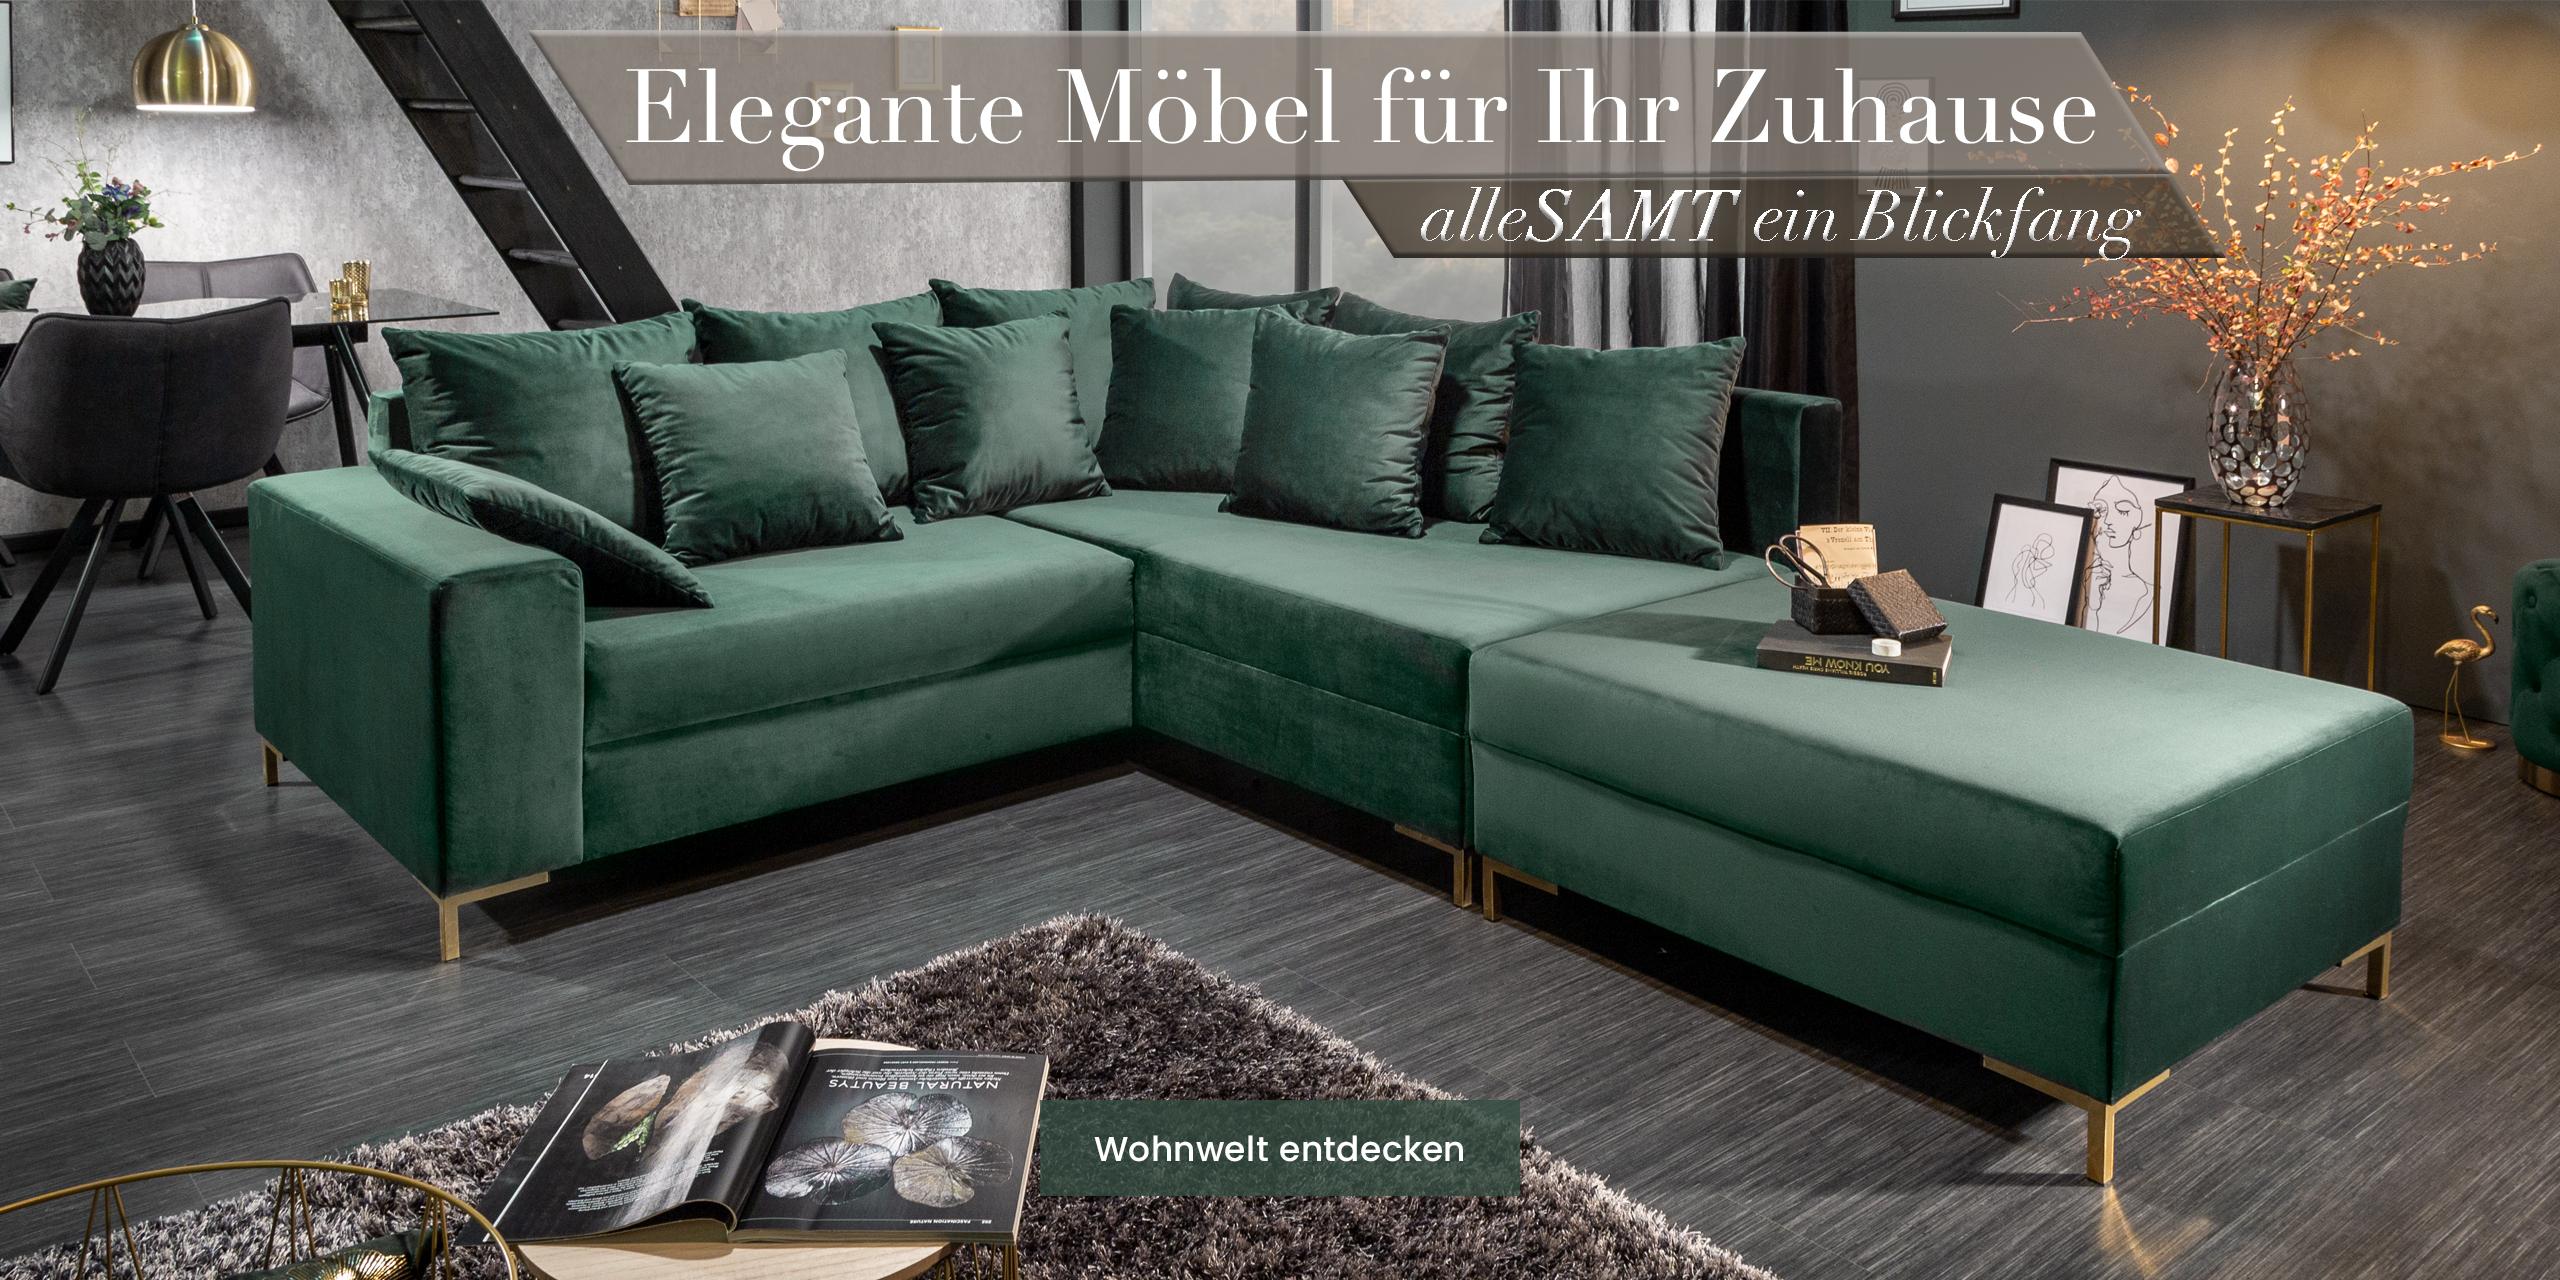 097dee40b2b20d Moderne Designermöbel online bestellen